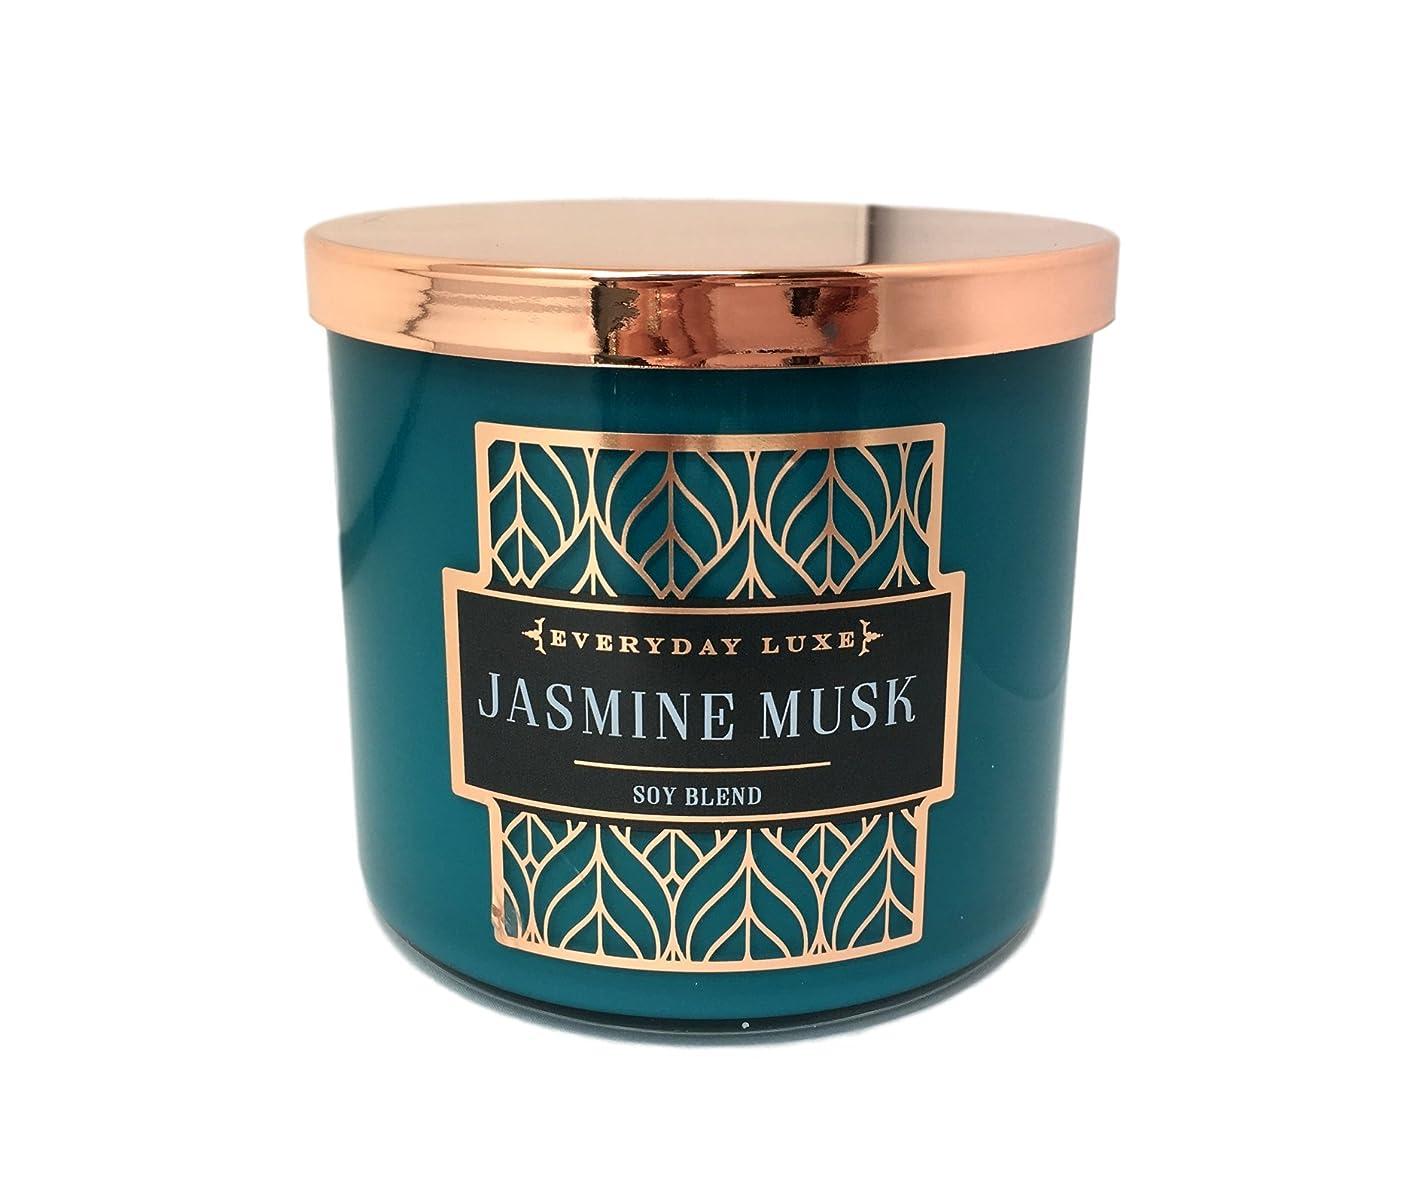 強度バイパス無秩序Everyday Luxe Jasmine Musk Scented Highly Fragranced 3?Wick大豆ブレンドCandle